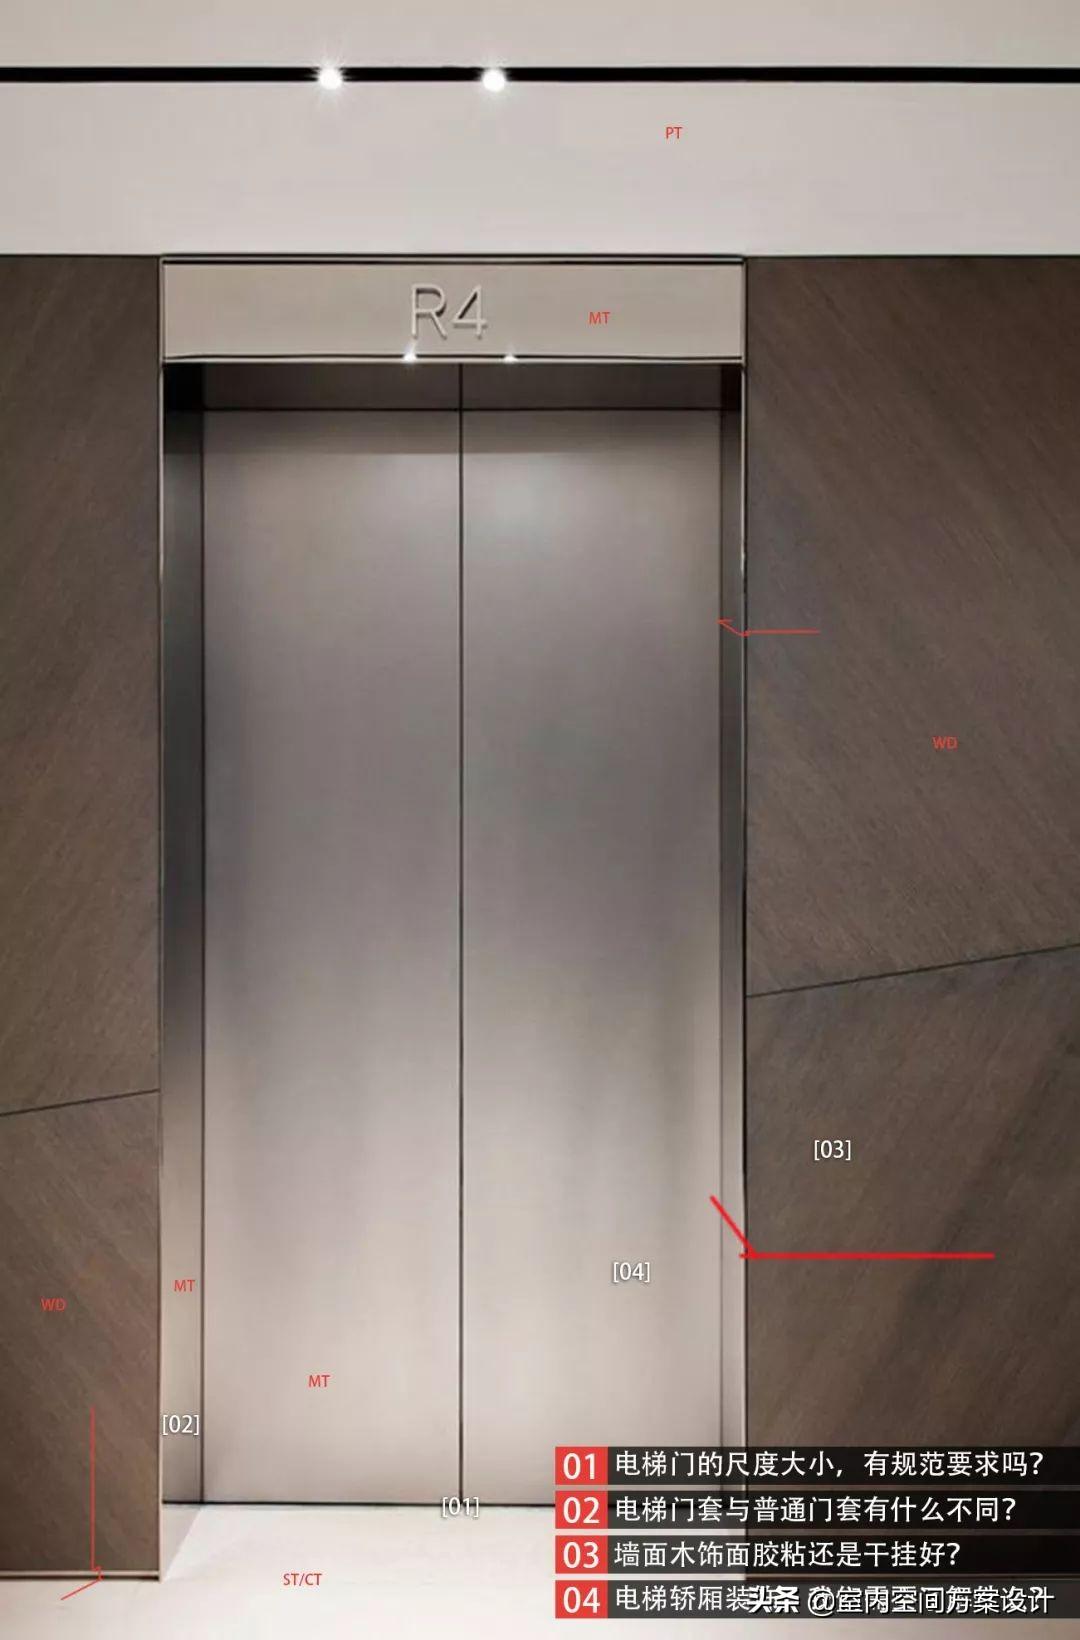 电梯门套与普通门套有什么不同?它的构造做法是什么样的?